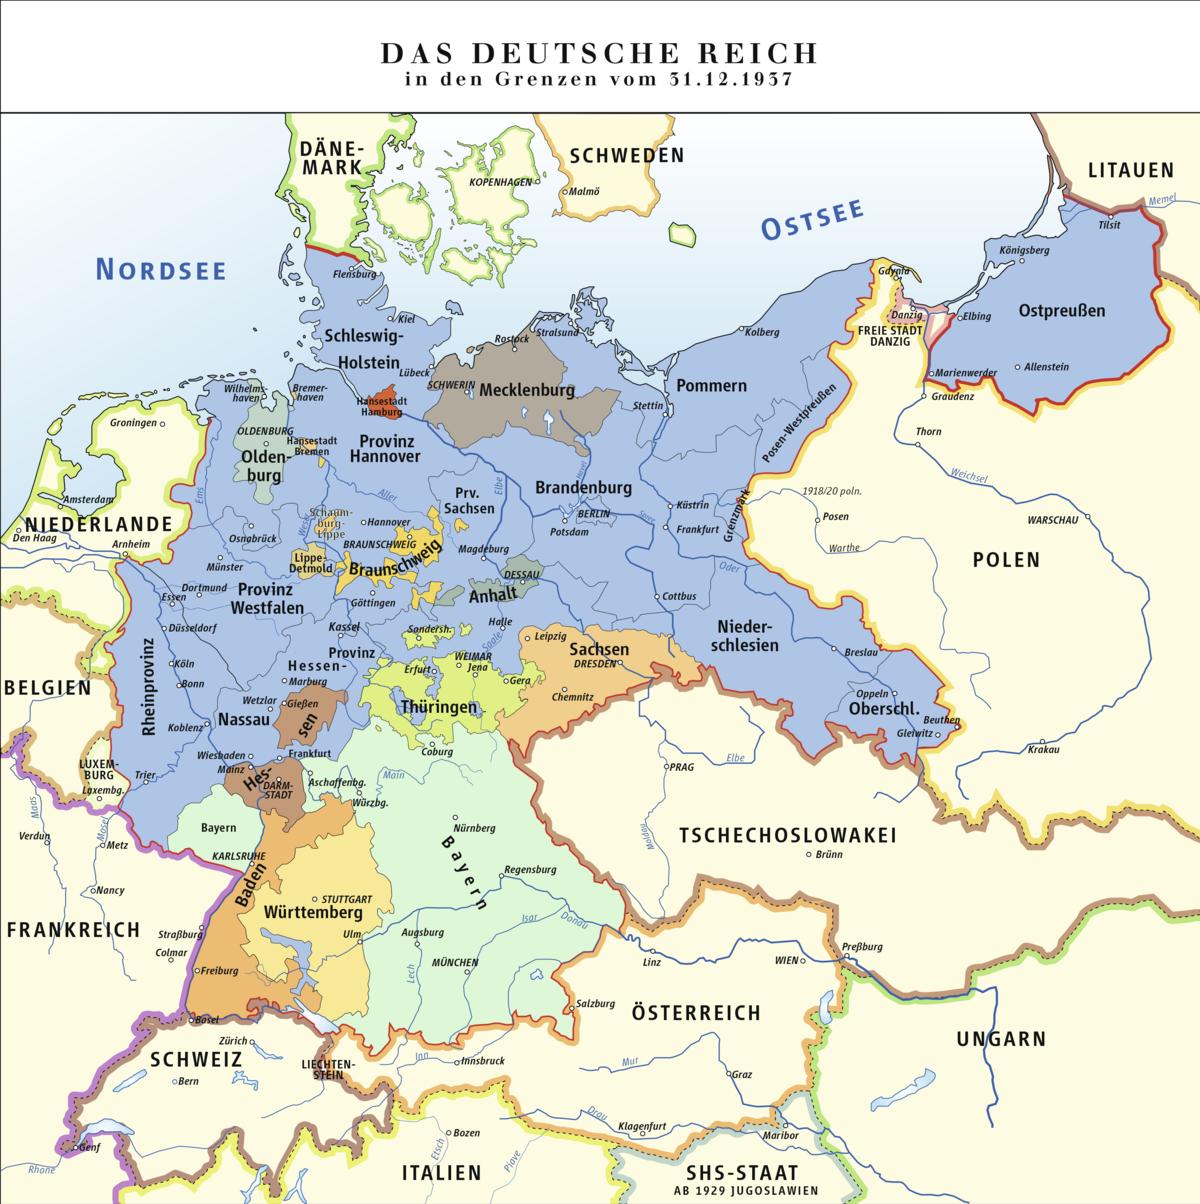 Deutsches Reich In Den Grenzen Vom 31. Dezember 1937 – Wikipedia verwandt mit Welche Länder Grenzen An Deutschland